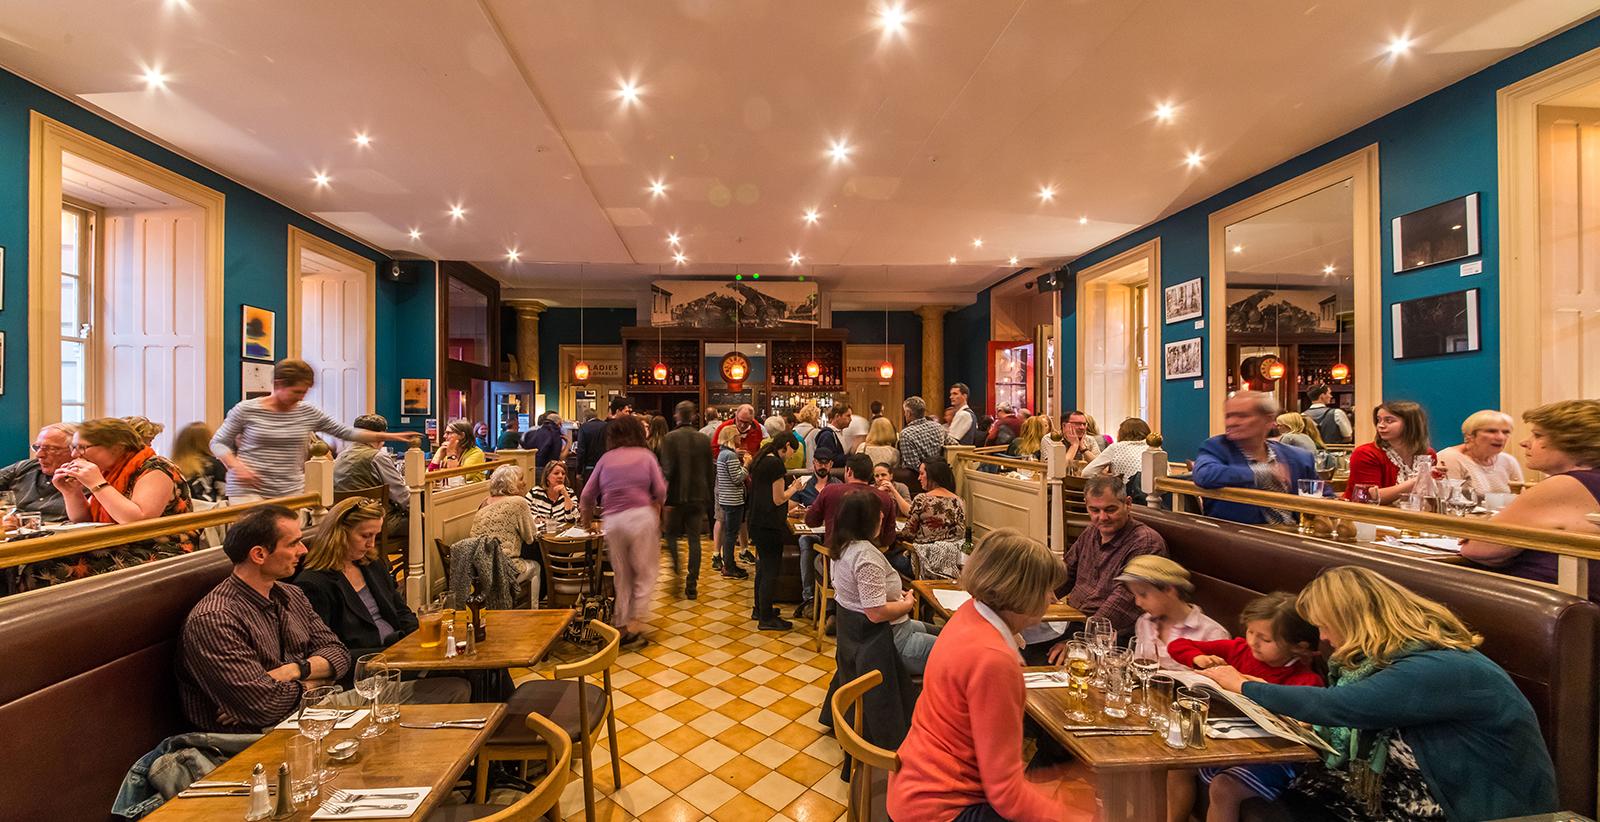 green-park-brasserie-inside.jpg